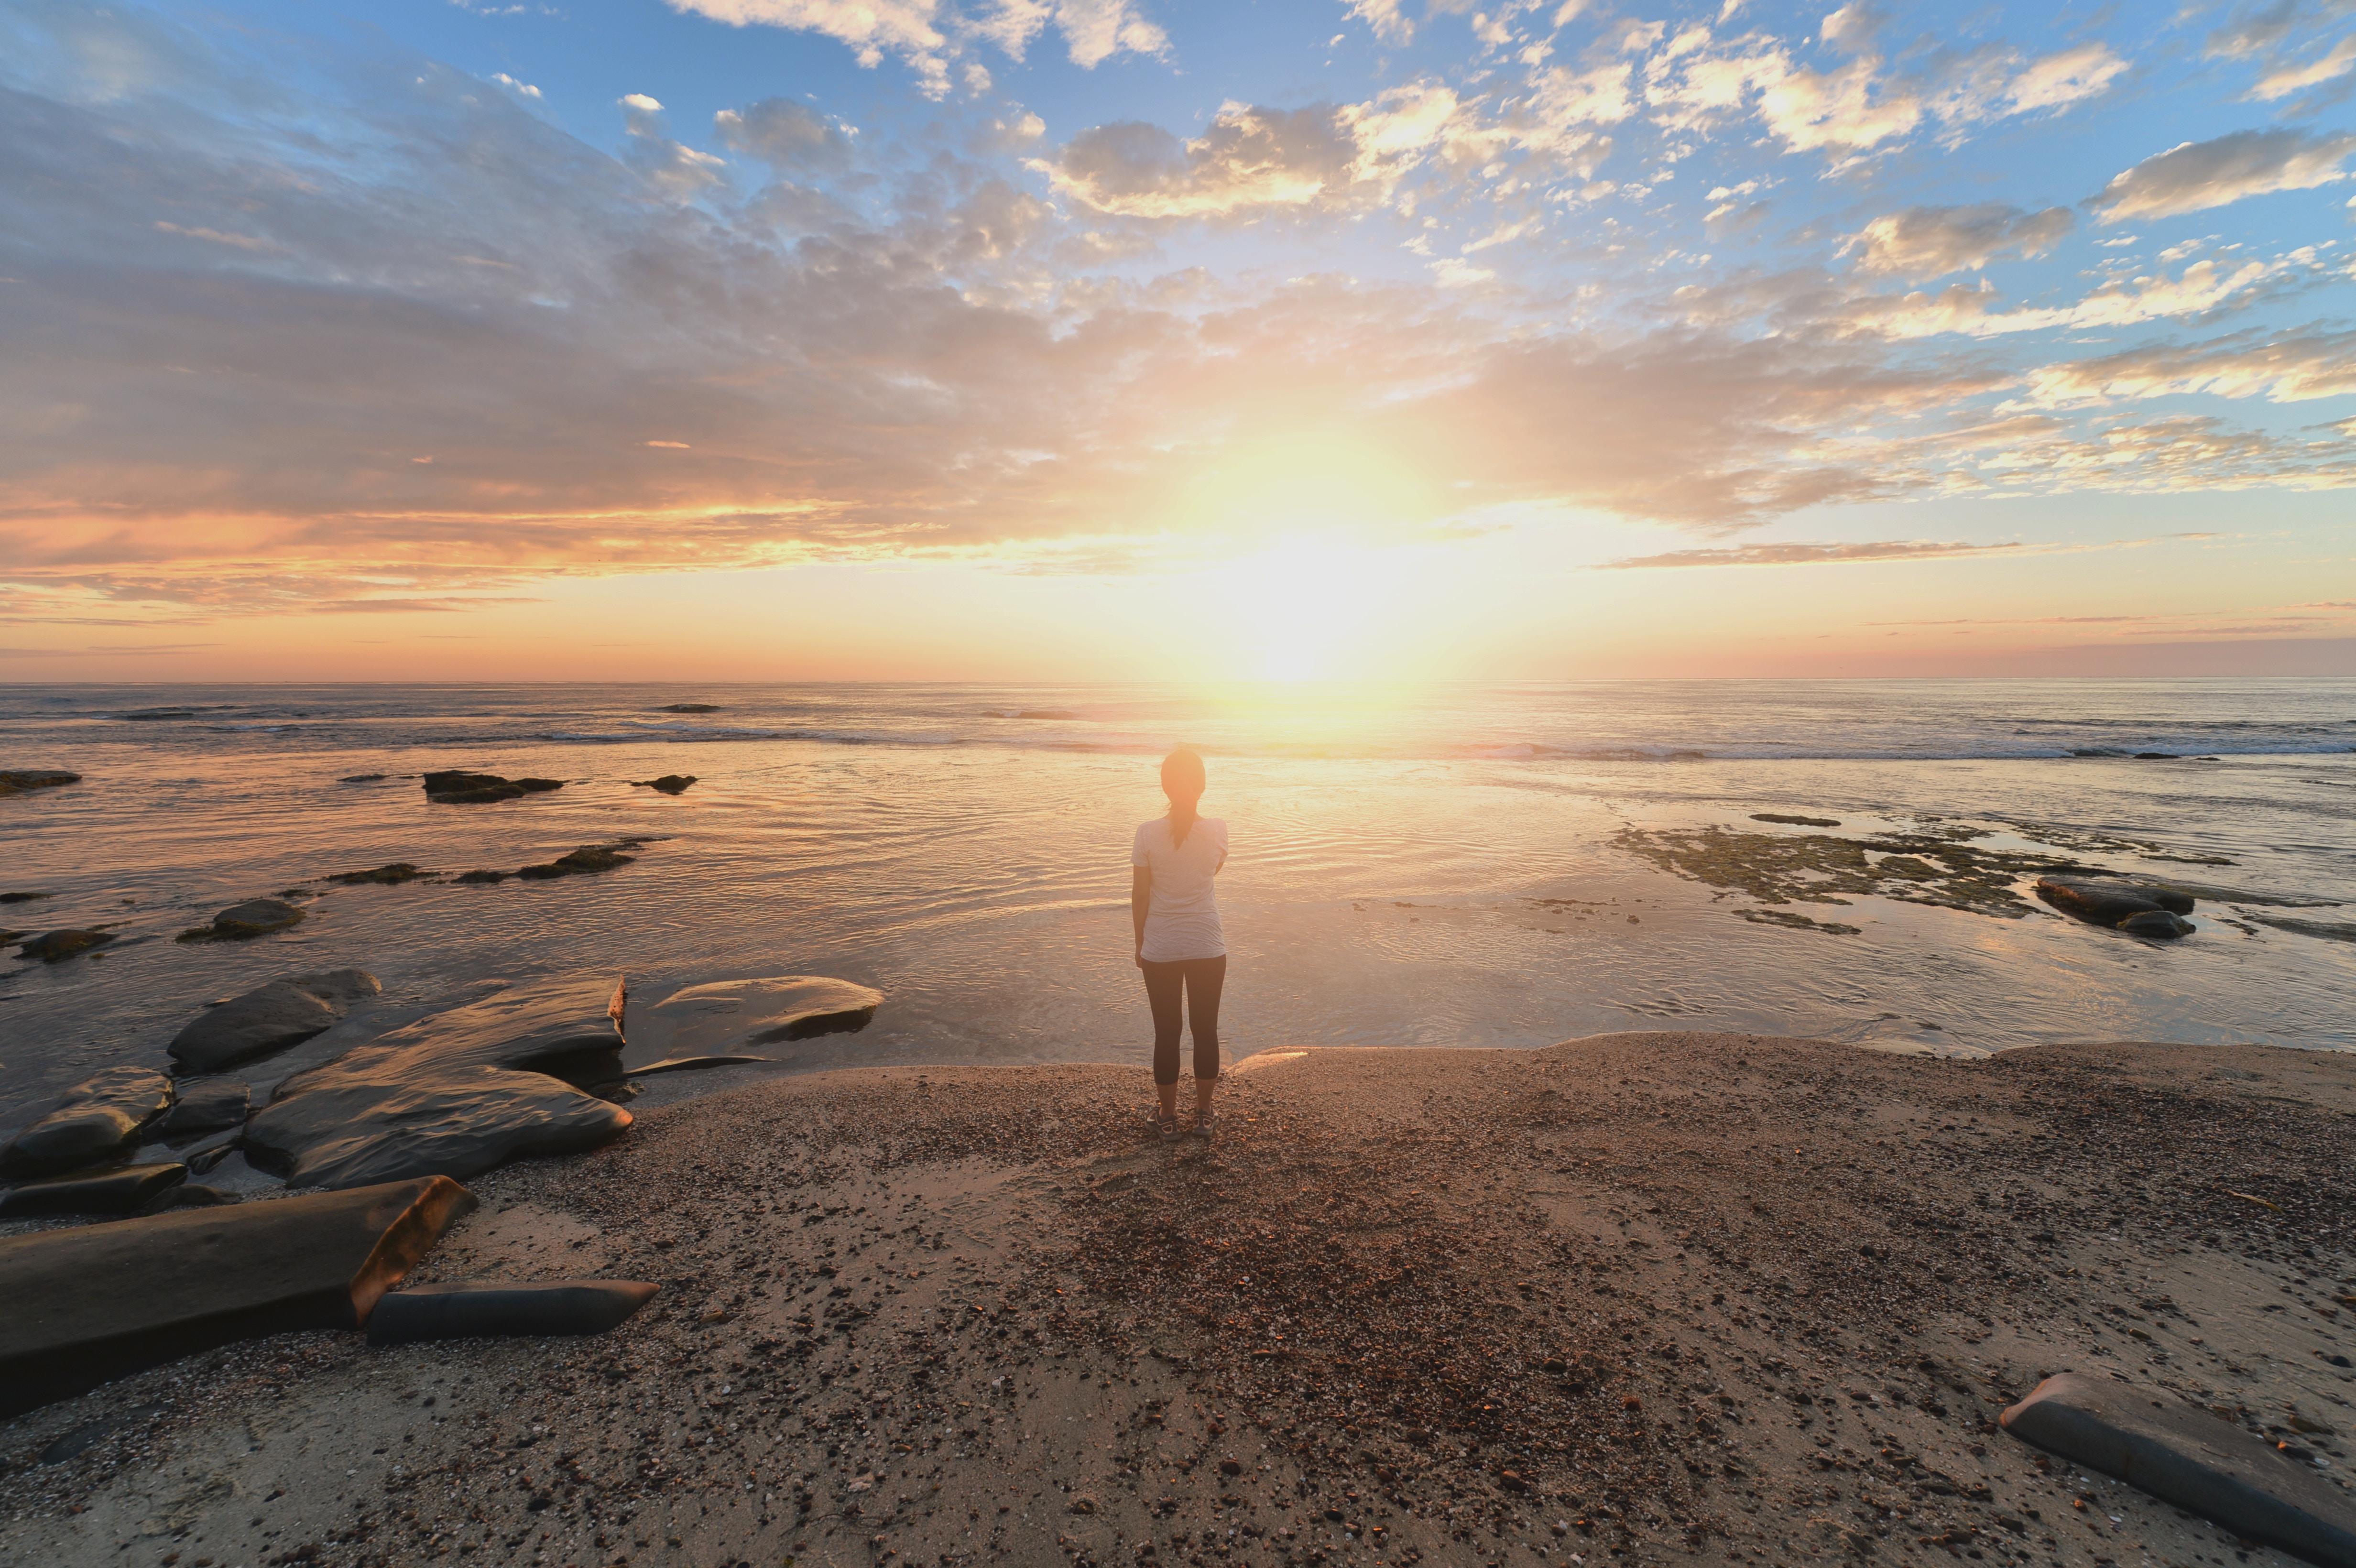 Relax More - Multiple Sclerose, mindfulness helpt bij de kwaliteit van leven